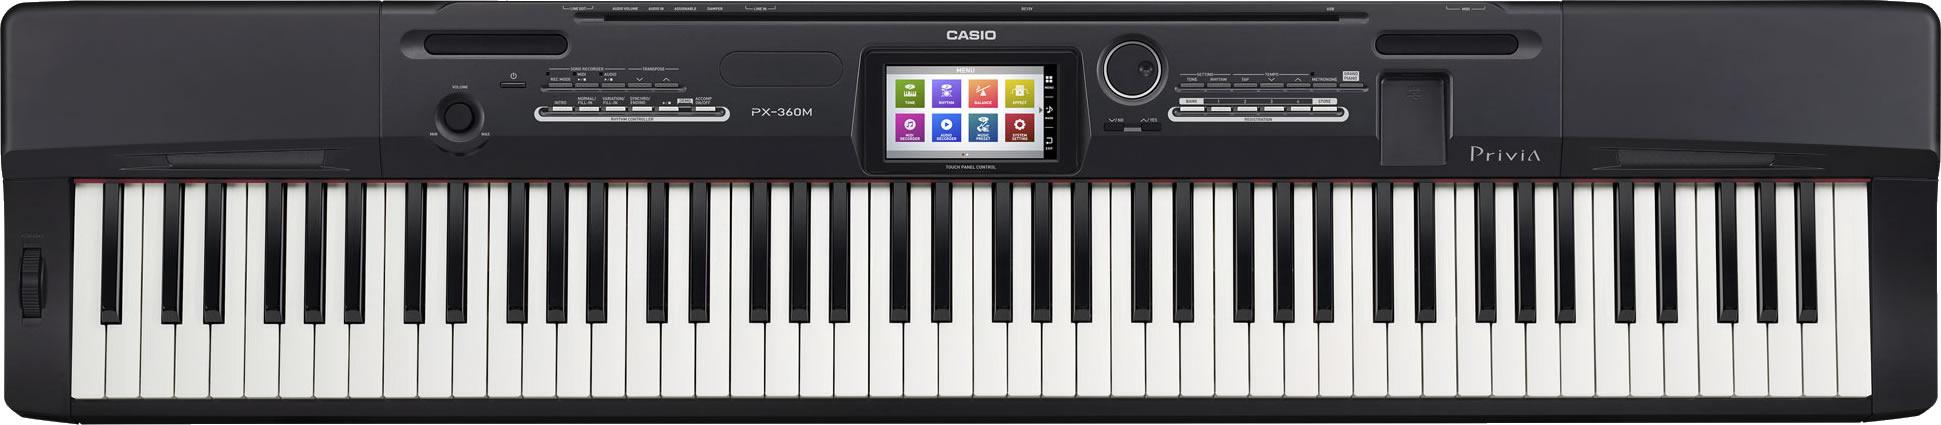 Piano CASIO Privia PX-360 MBK Preto